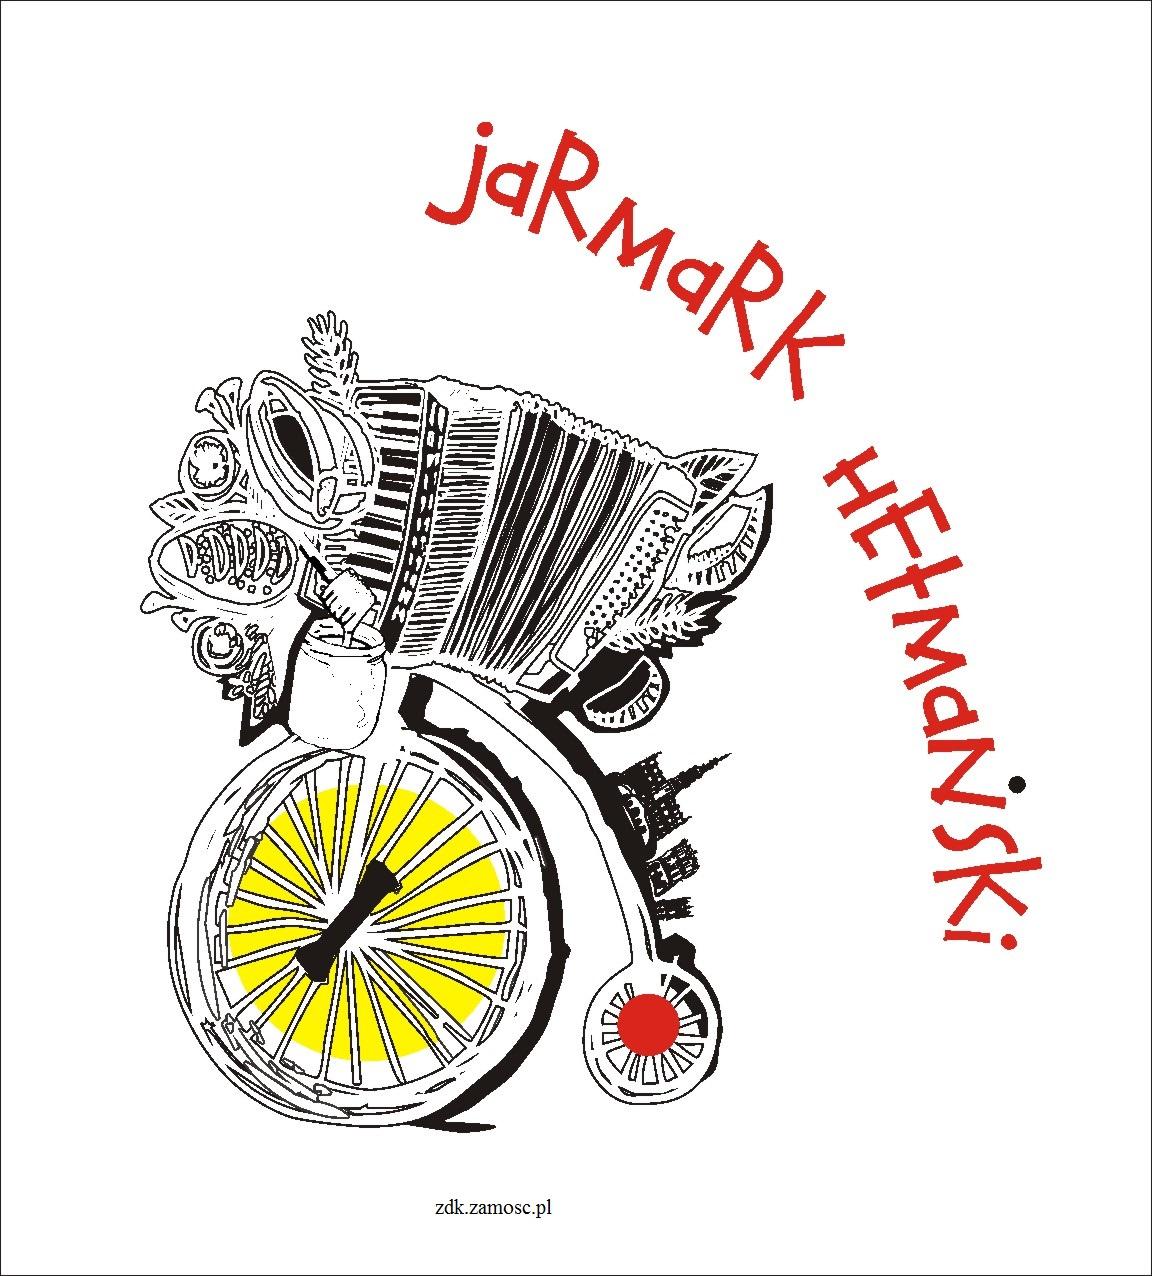 logo_jarmark